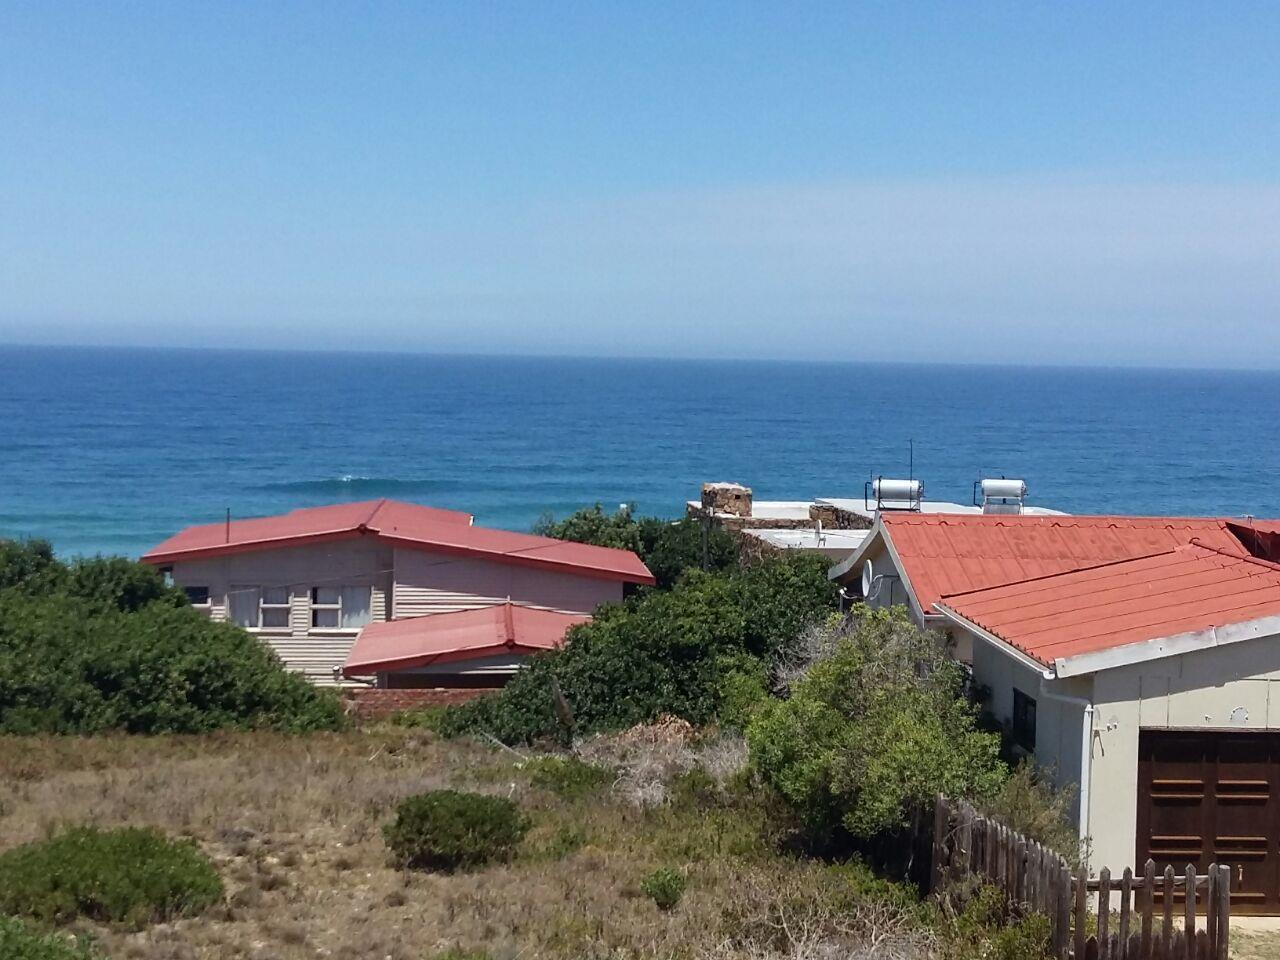 Property & Real Estate Sales - House in Reebok, Grootbrak Rivier, Mossel Bay, South Africa